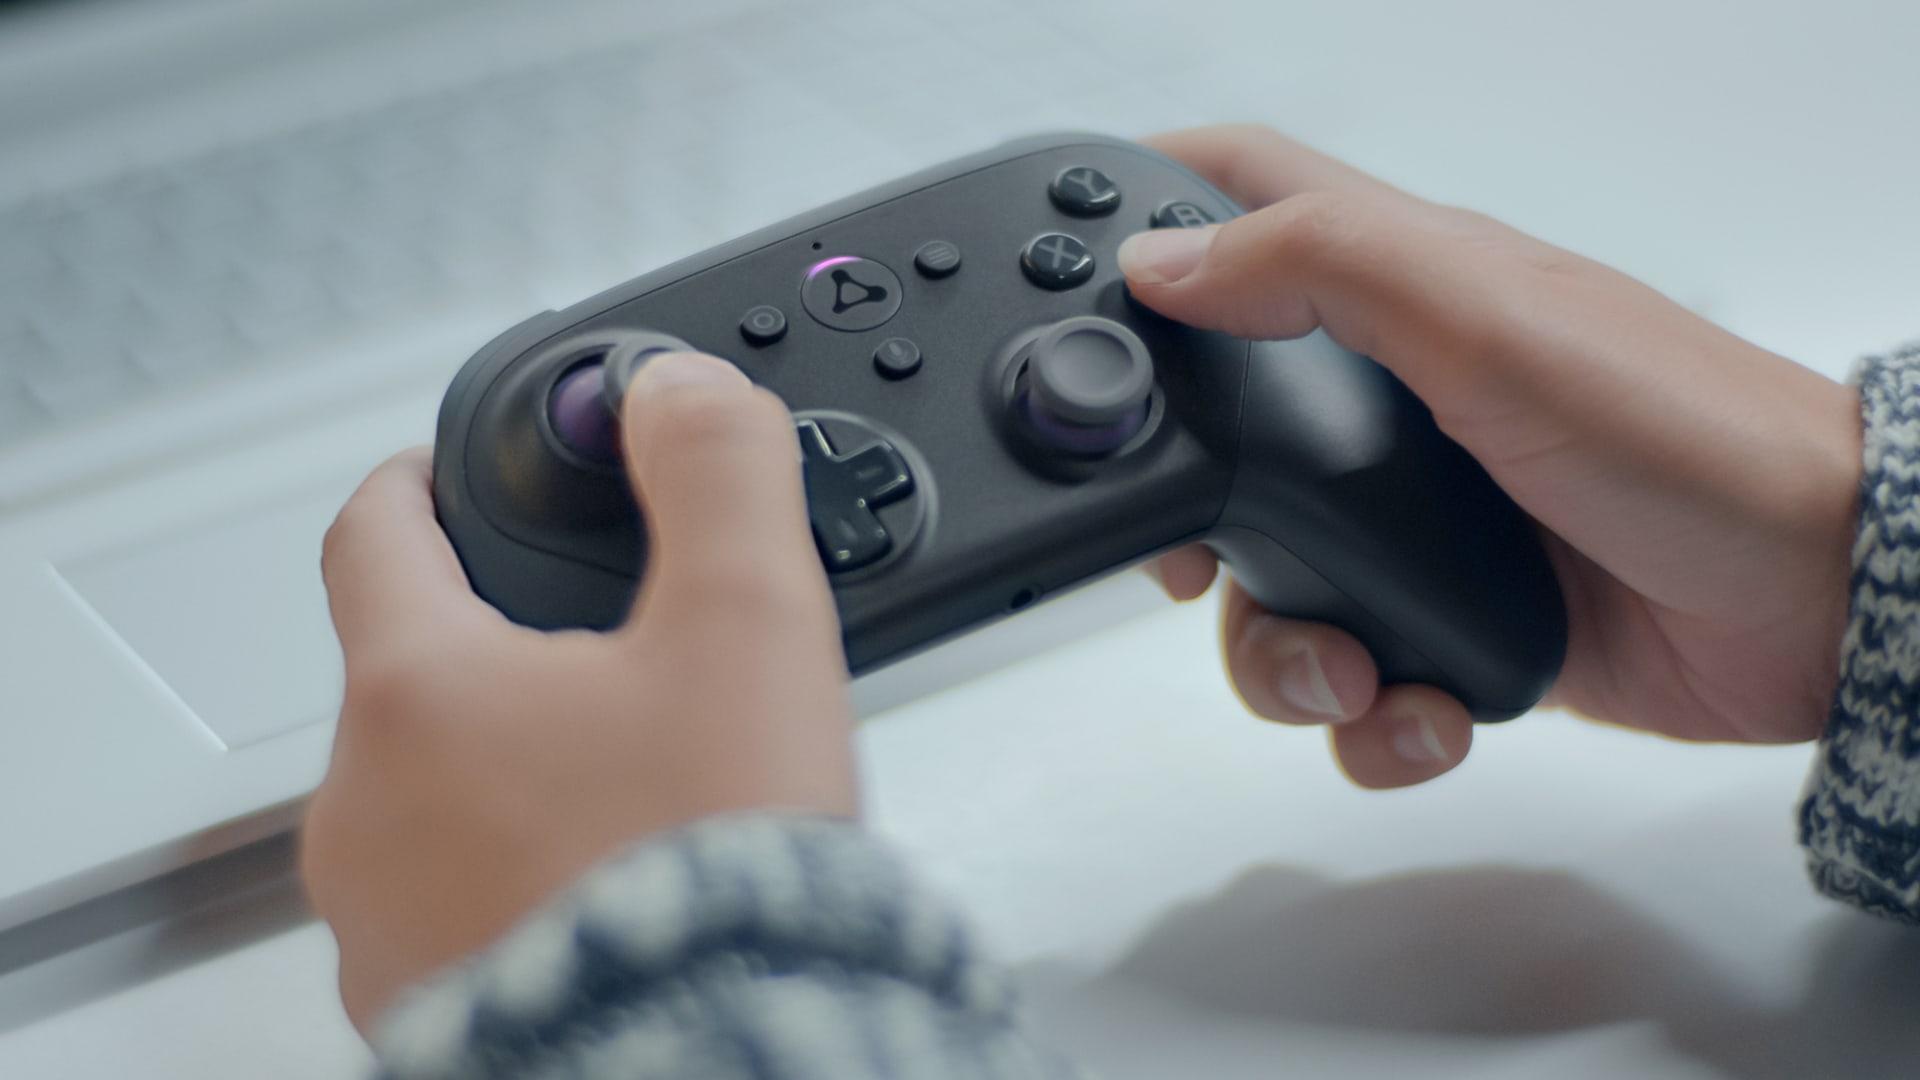 أمازون تطلق منصة ألعاب فيديو خاصة بها.. إليكم التفاصيل